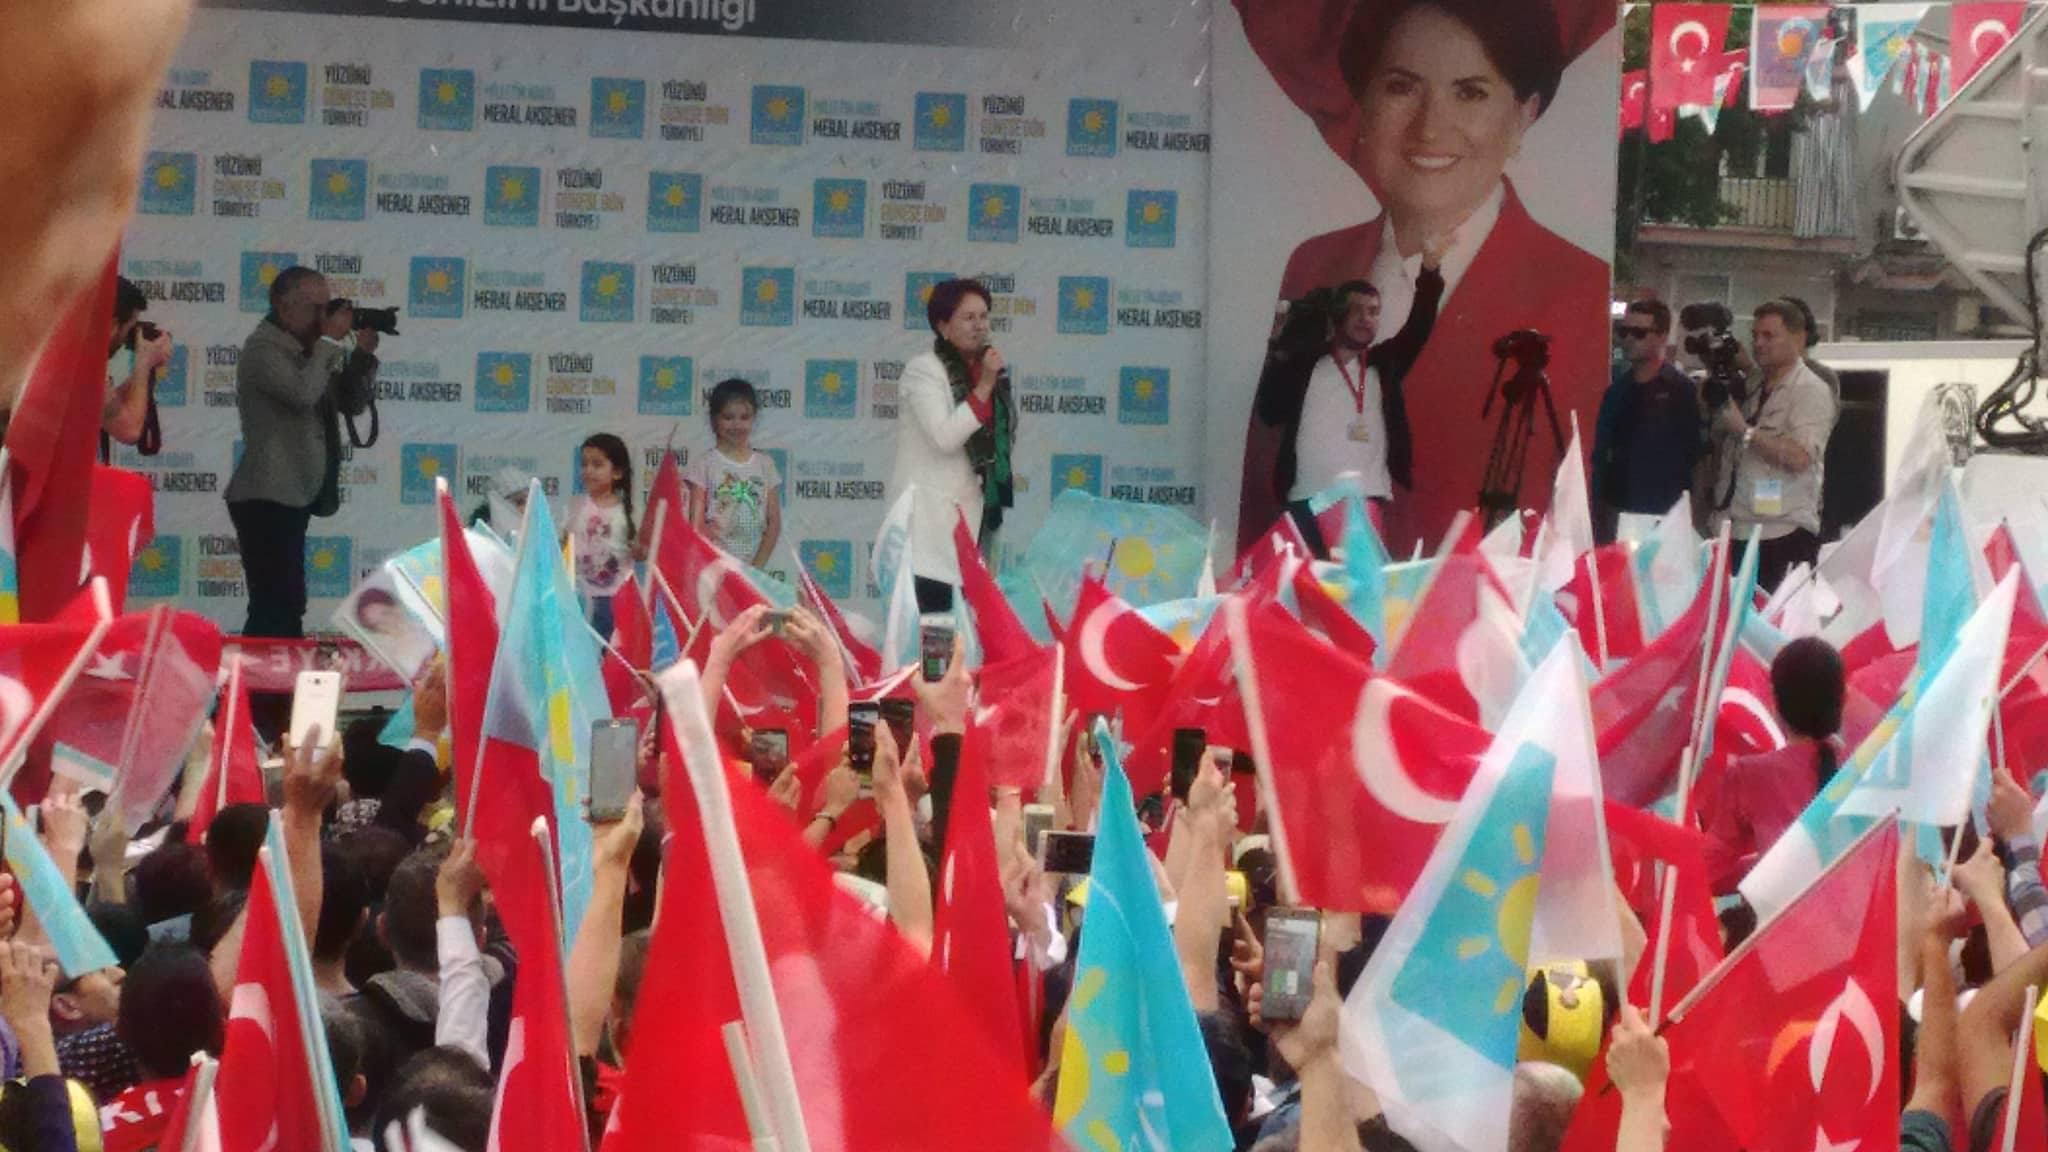 Başkan Akşener Denizli'de! 30